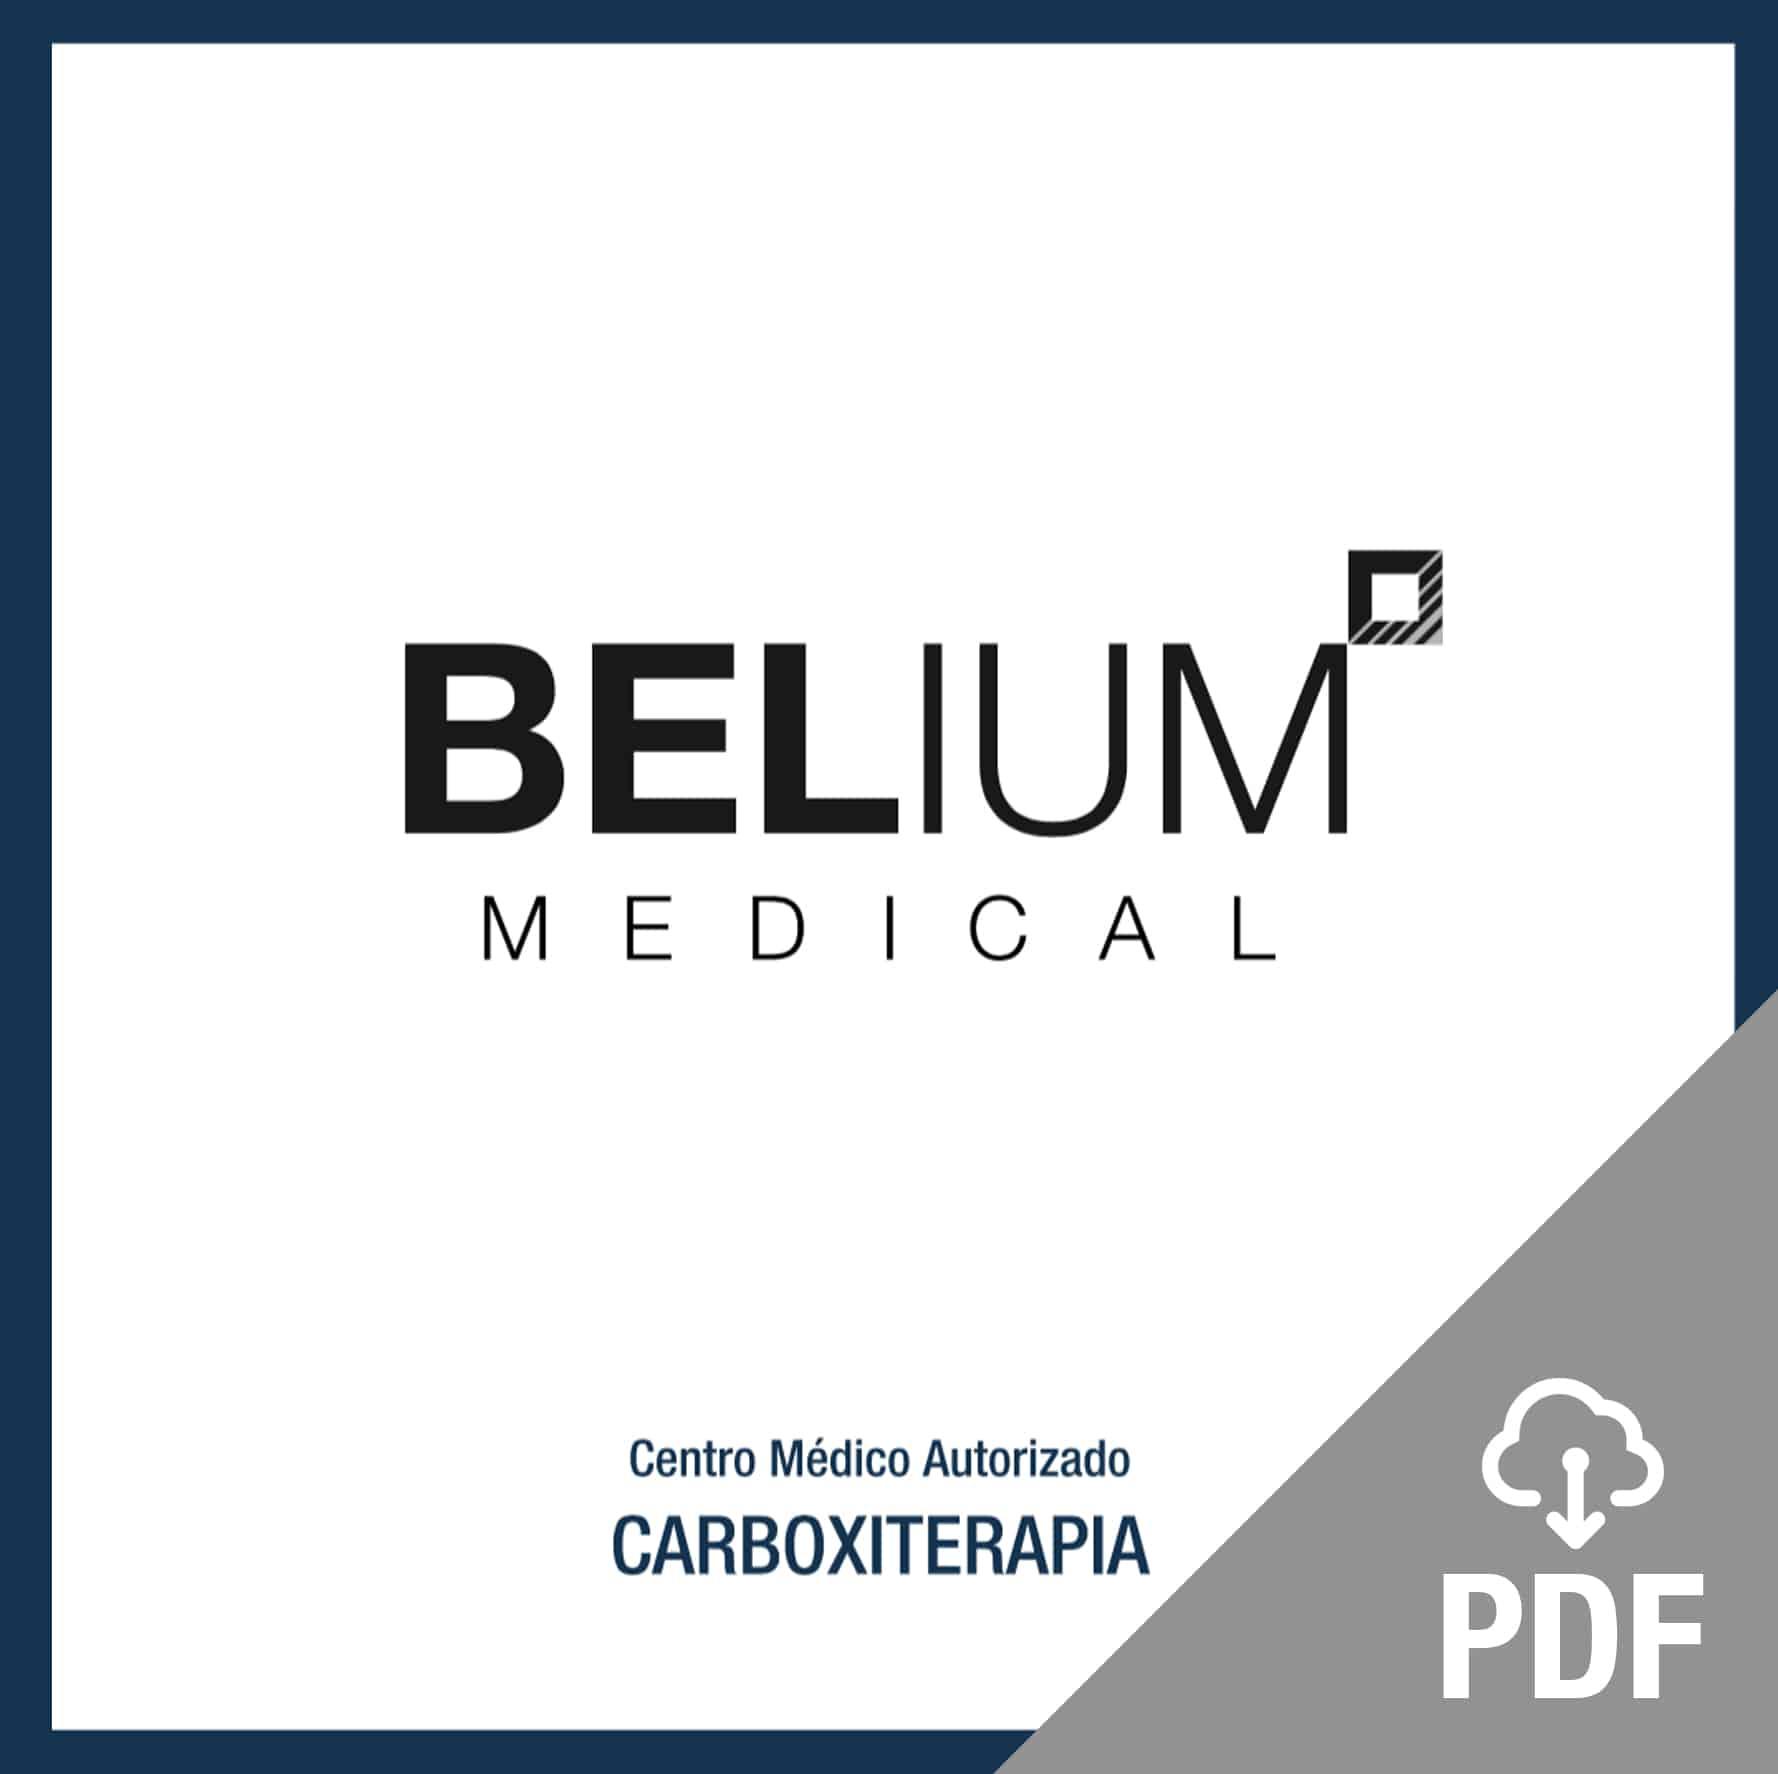 pdf carboxiterapia carbomed dióxido de carbono medicinal (CO2) microinyecciones ojeras, cicatrices, celulitis, flacidez. Belium Medical distribuidor oficial españa